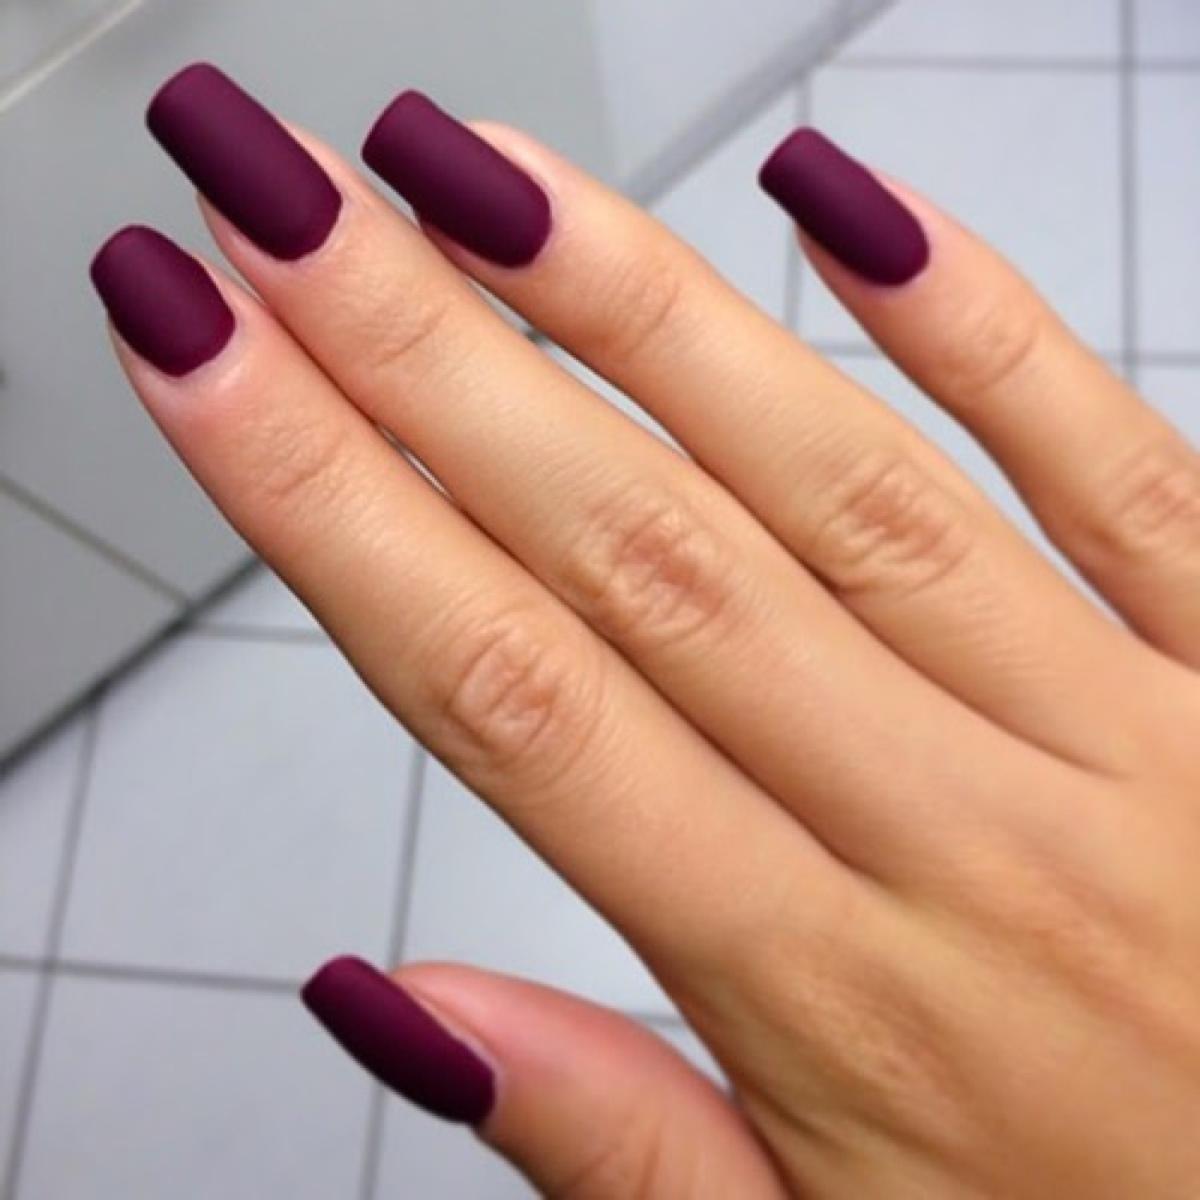 Наращивание ногтей матовые ногти фото